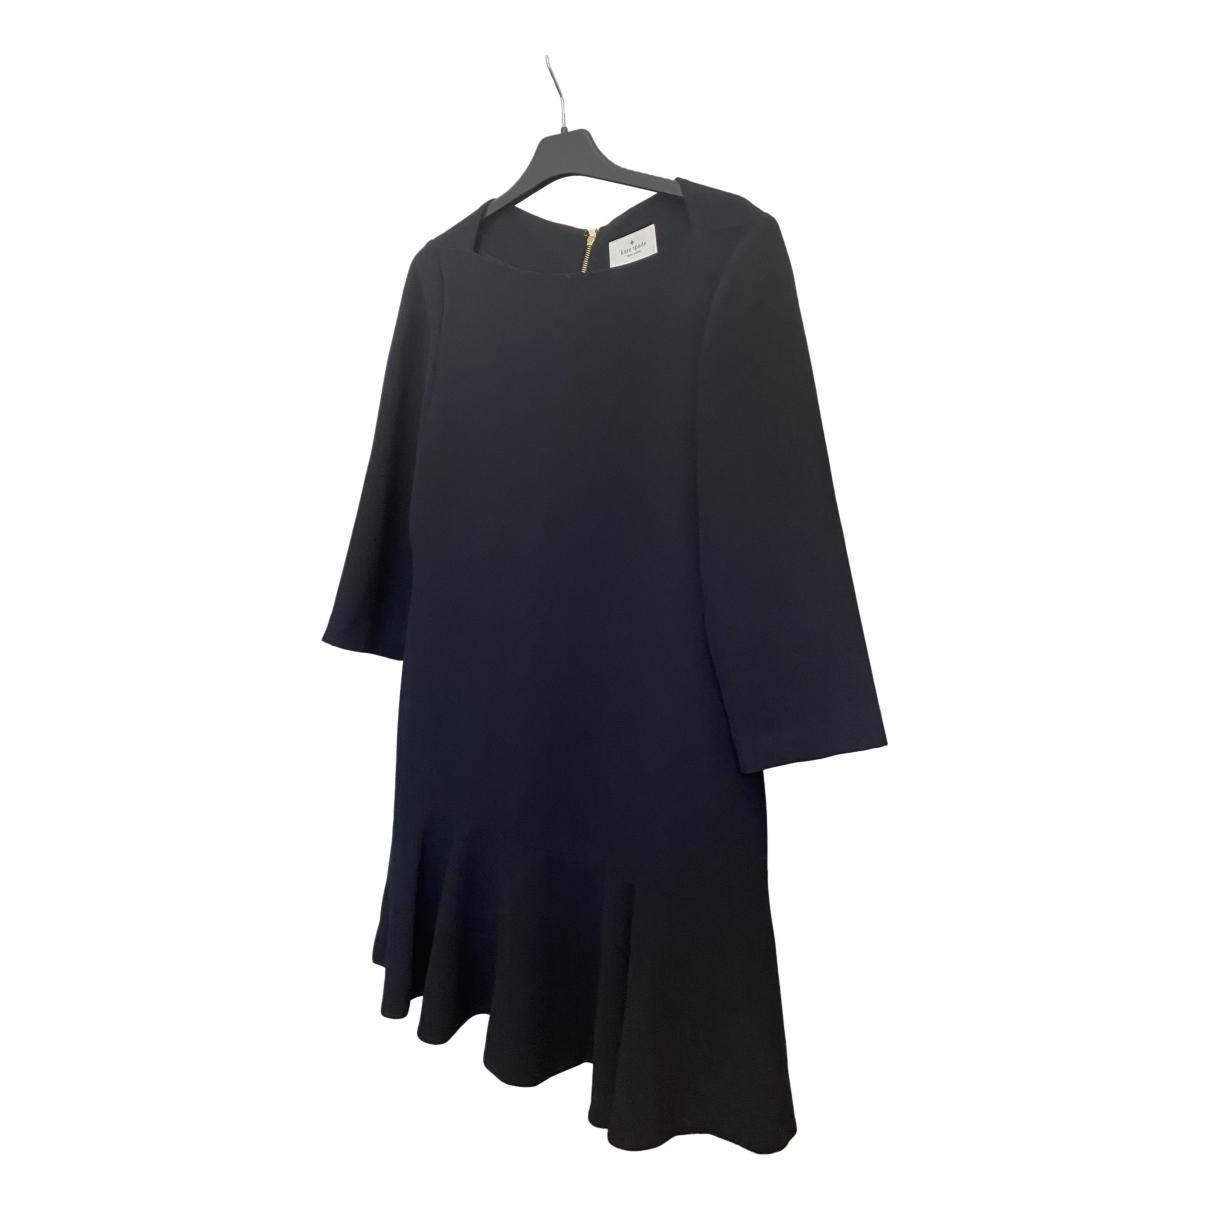 Kate Spade \N Kleid in  Schwarz Polyester